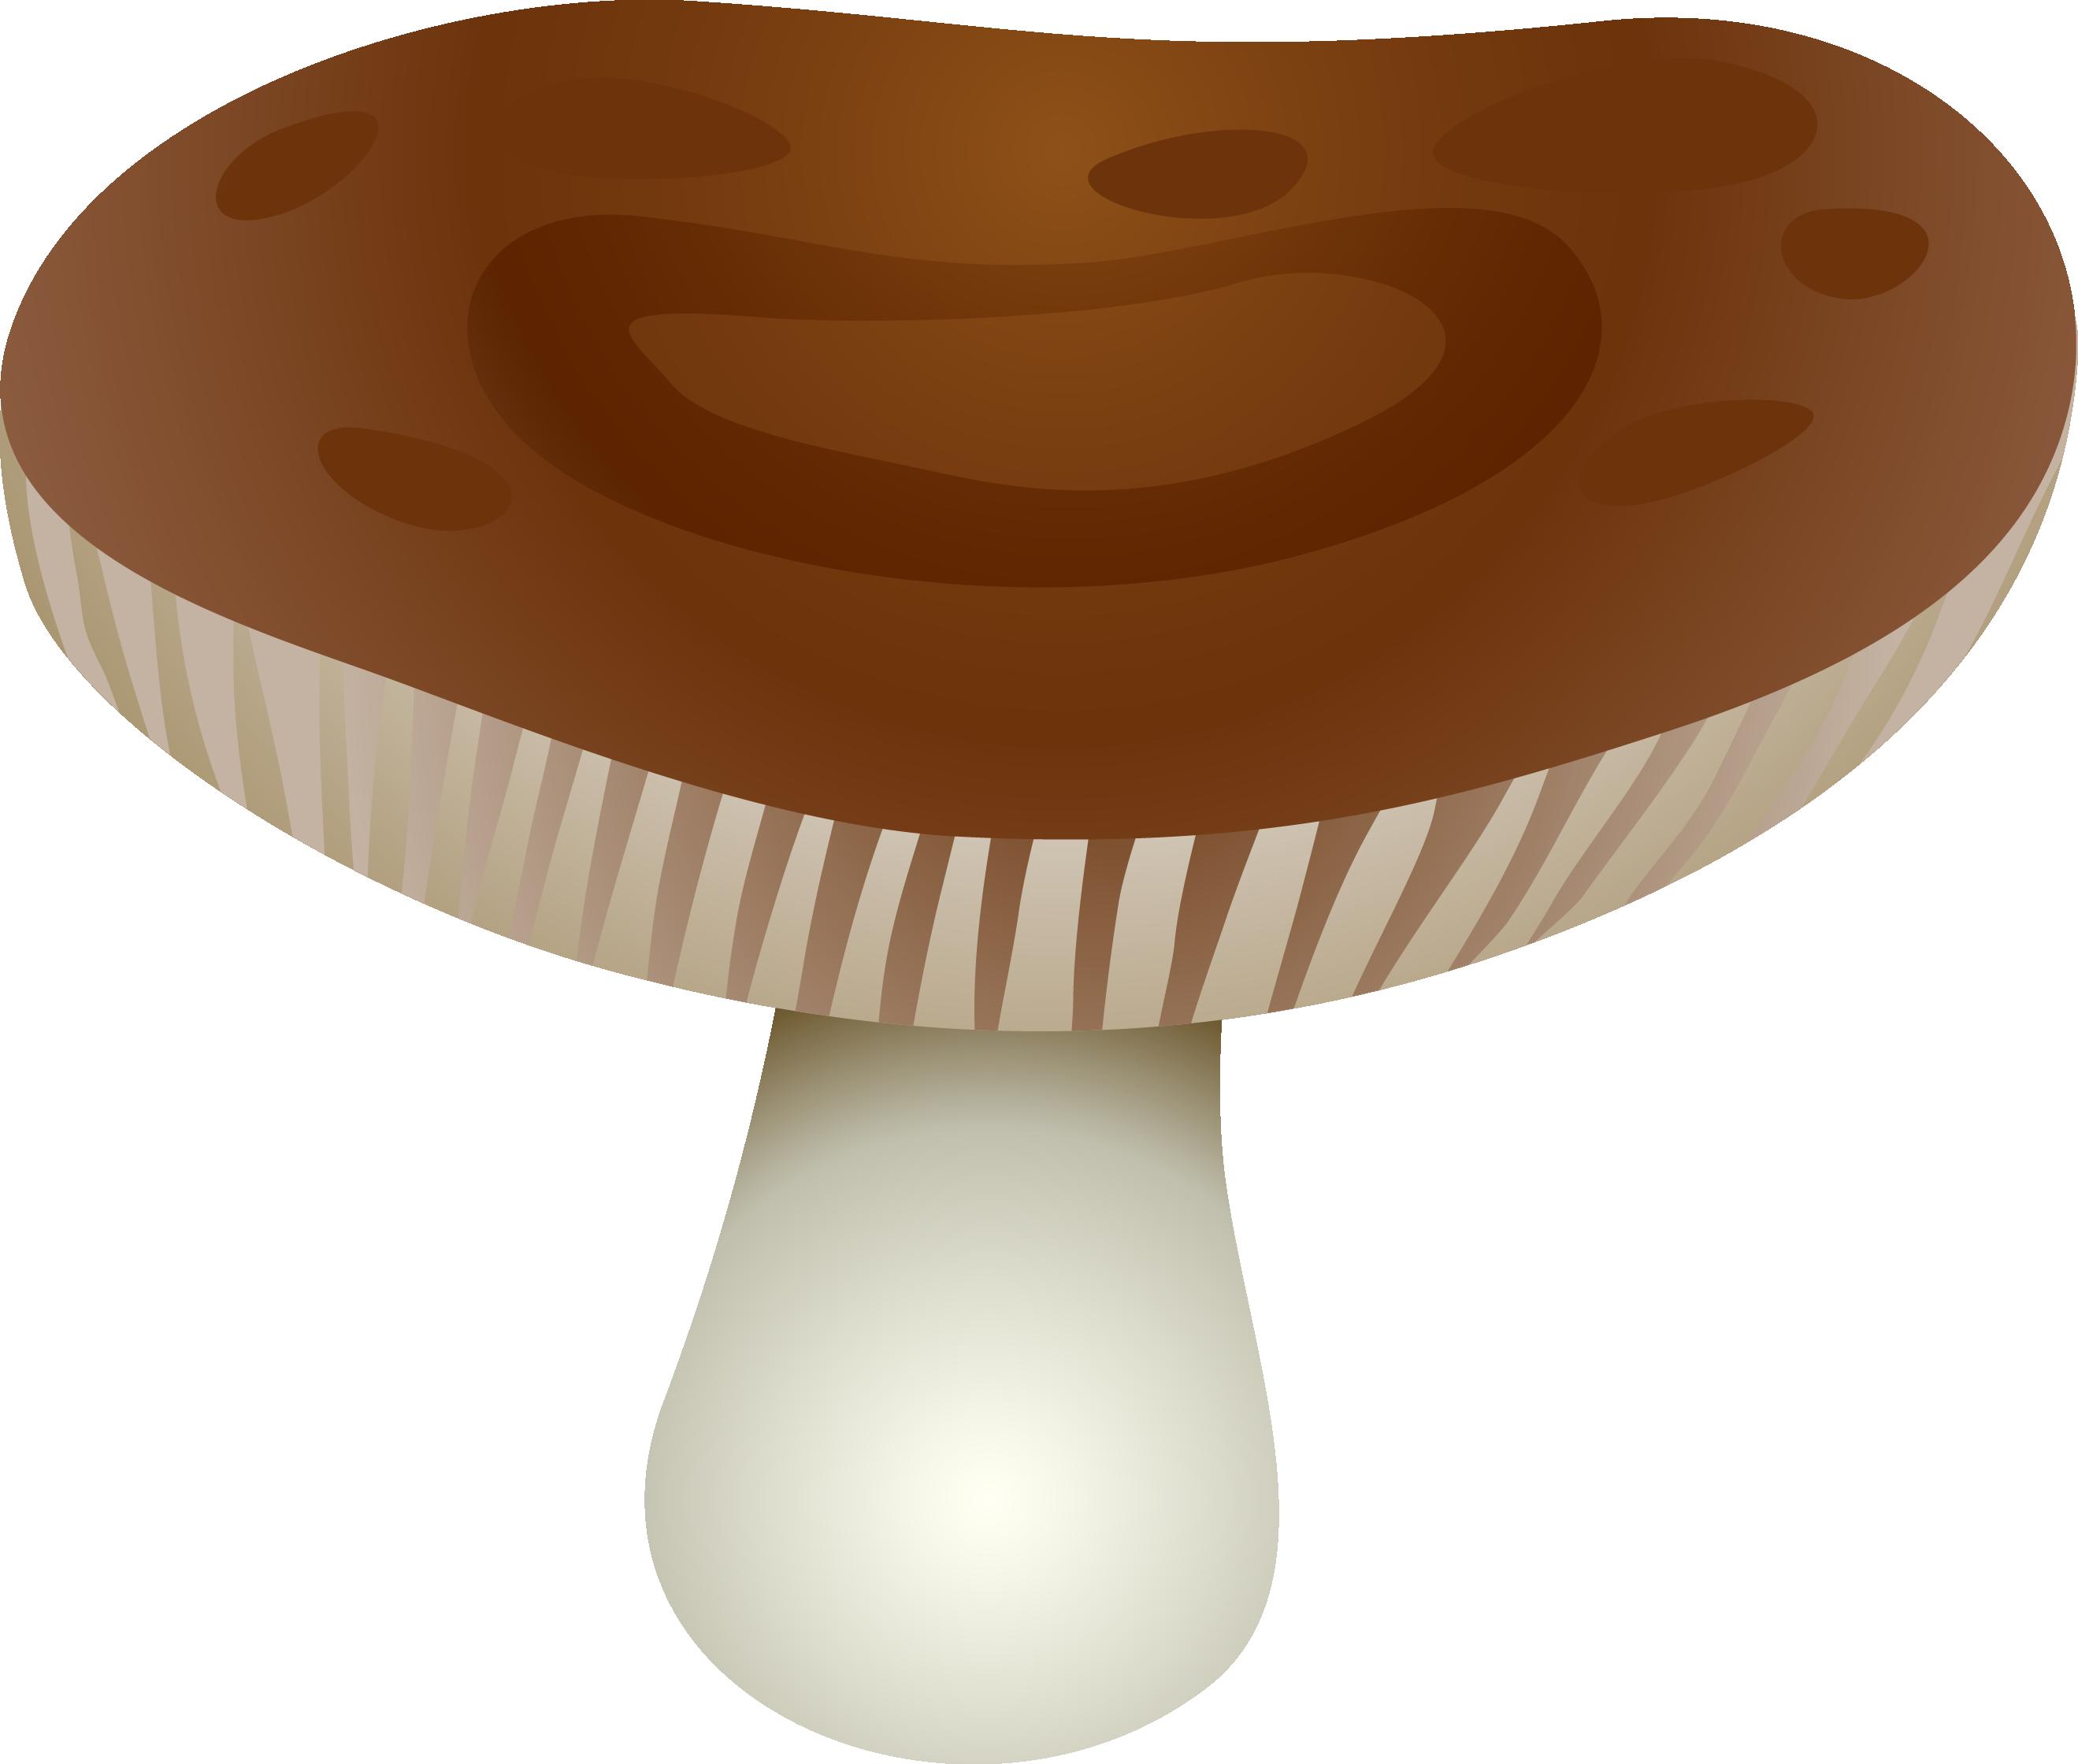 пять картинка шляпка гриба на прозрачном фоне должны быть